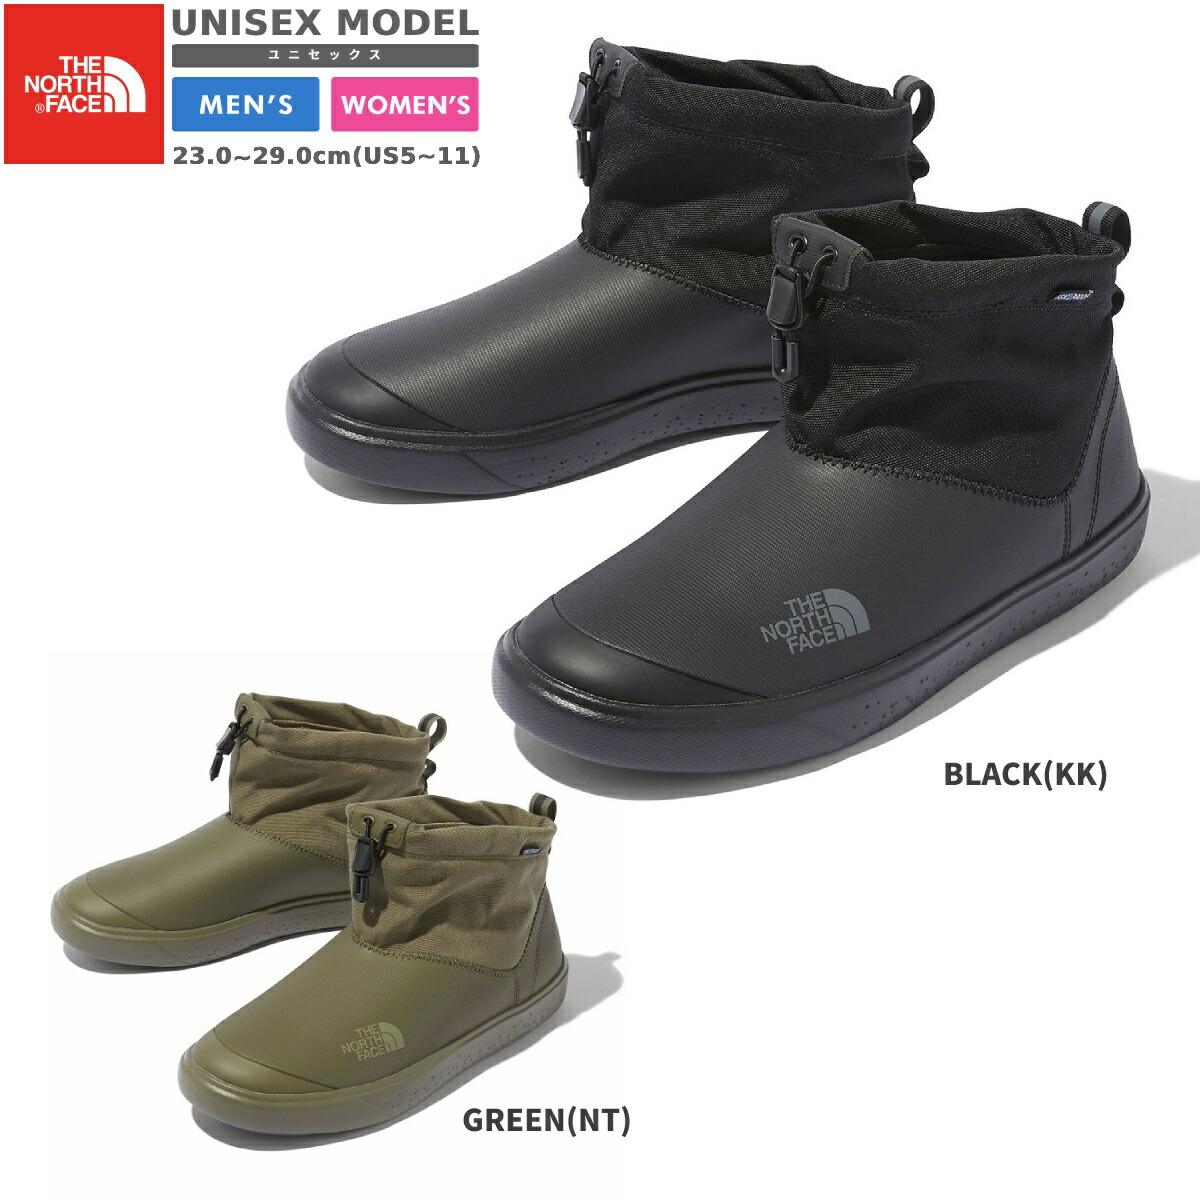 送料無料 THE NORTH FACE ザ ノースフェイス スニーカー 靴 ブーツ 防水 アウトドア フェス メンズ レディース 23.0~29.0cm ノース BOOTIE キャンプ ベース フェイス WP nf52142 ブーティー SHORT 2020A W新作送料無料 BASE ショート CAMP セール特価